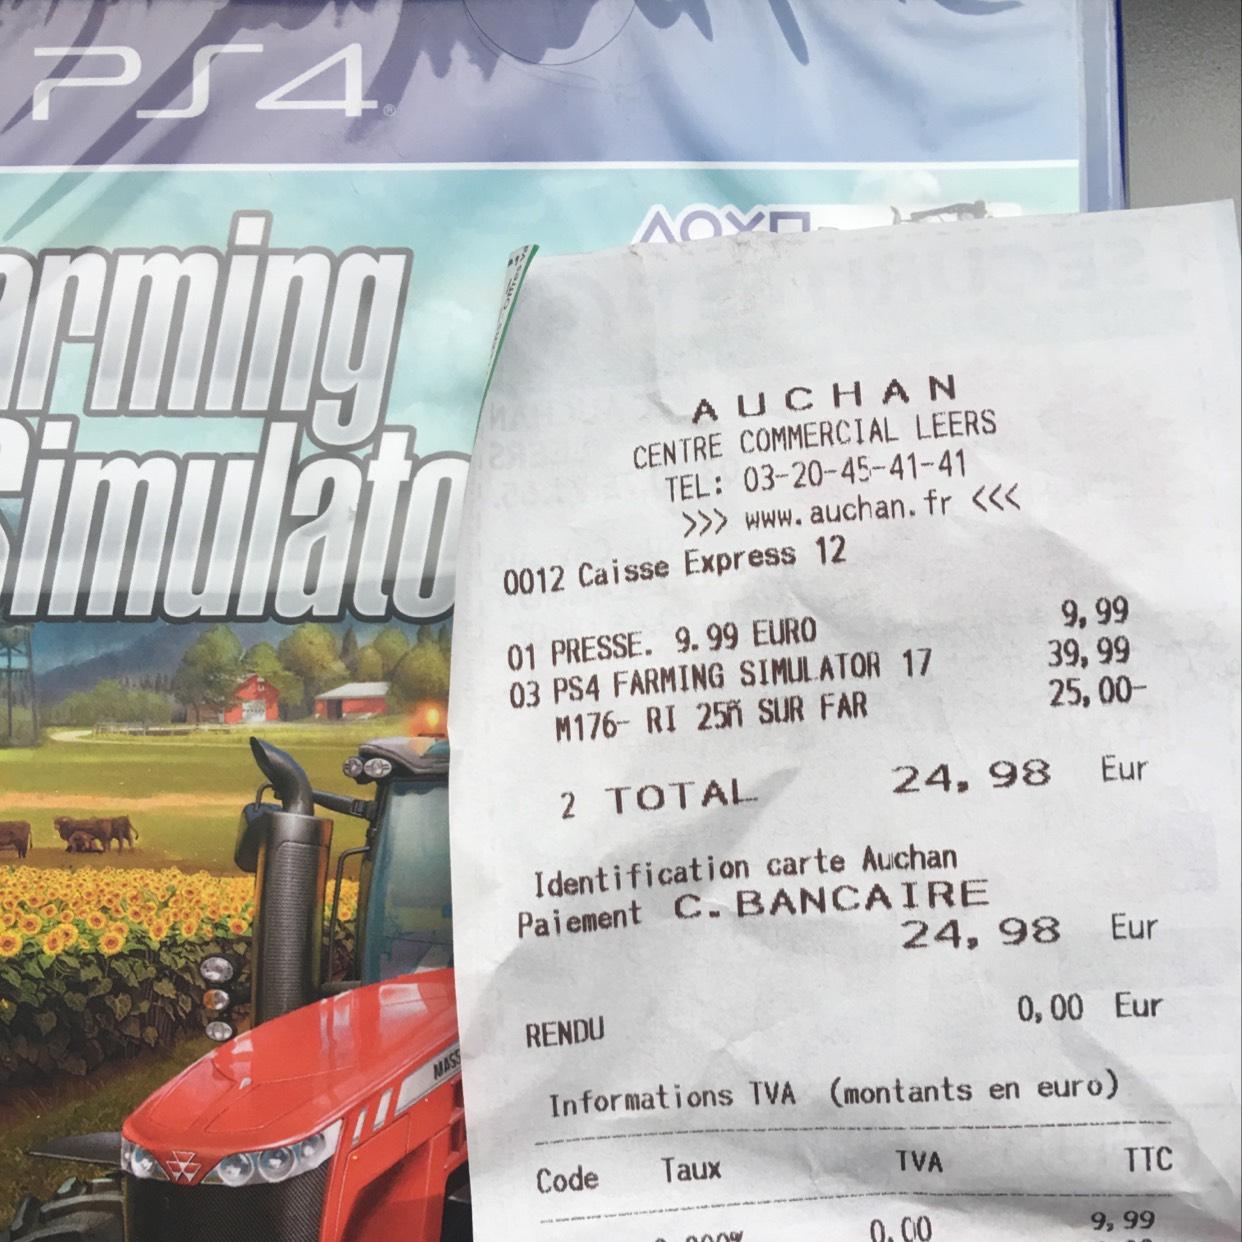 Jeu Farming simulator 2017 sur PS4 (Auchan leers - 59)